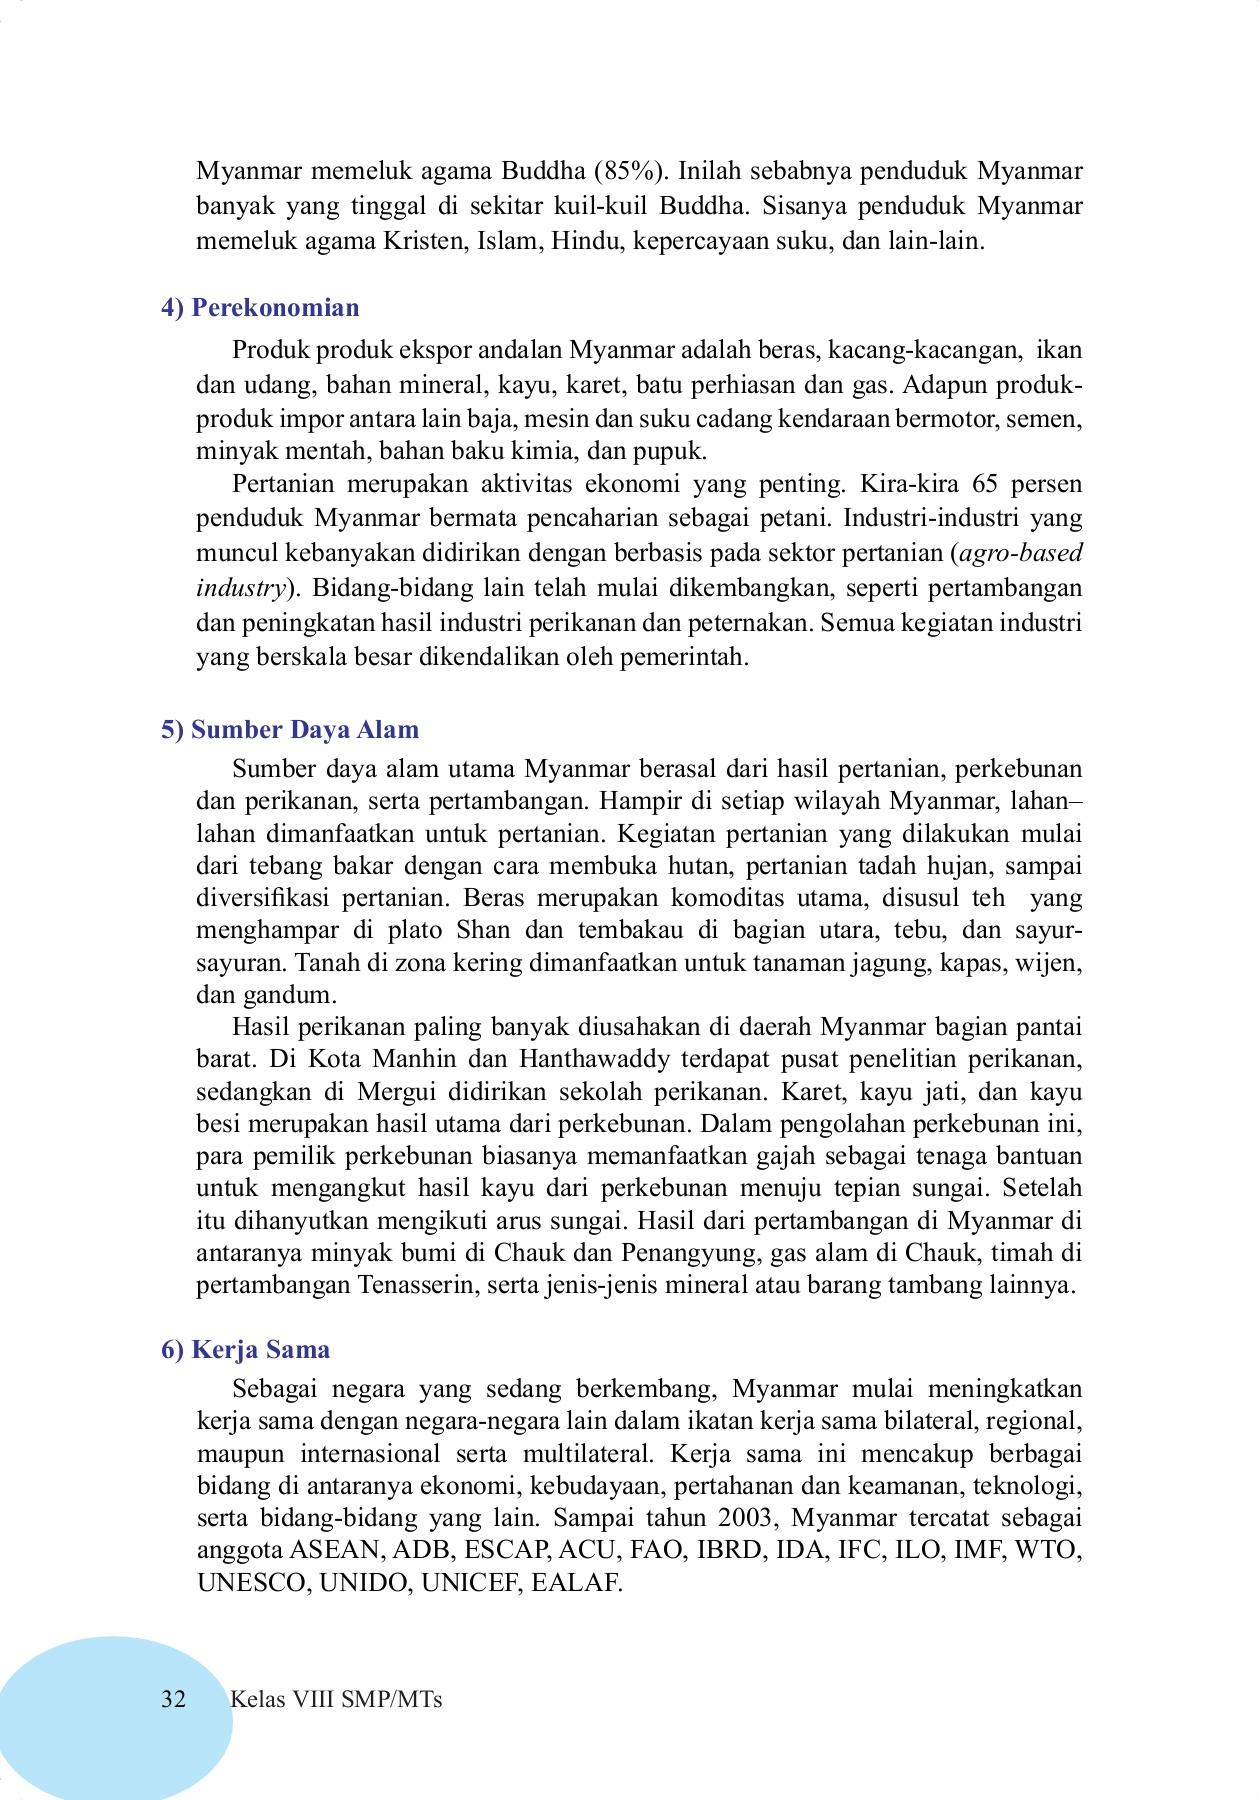 Bagaimana Peran Teknologi Komunikasi Dalam Interaksi Antarruang Di Negara-negara Asean : bagaimana, peran, teknologi, komunikasi, dalam, interaksi, antarruang, negara-negara, asean, Interaksi, Antar, Negara, ASEAN-Flip, EBook, Pages, AnyFlip